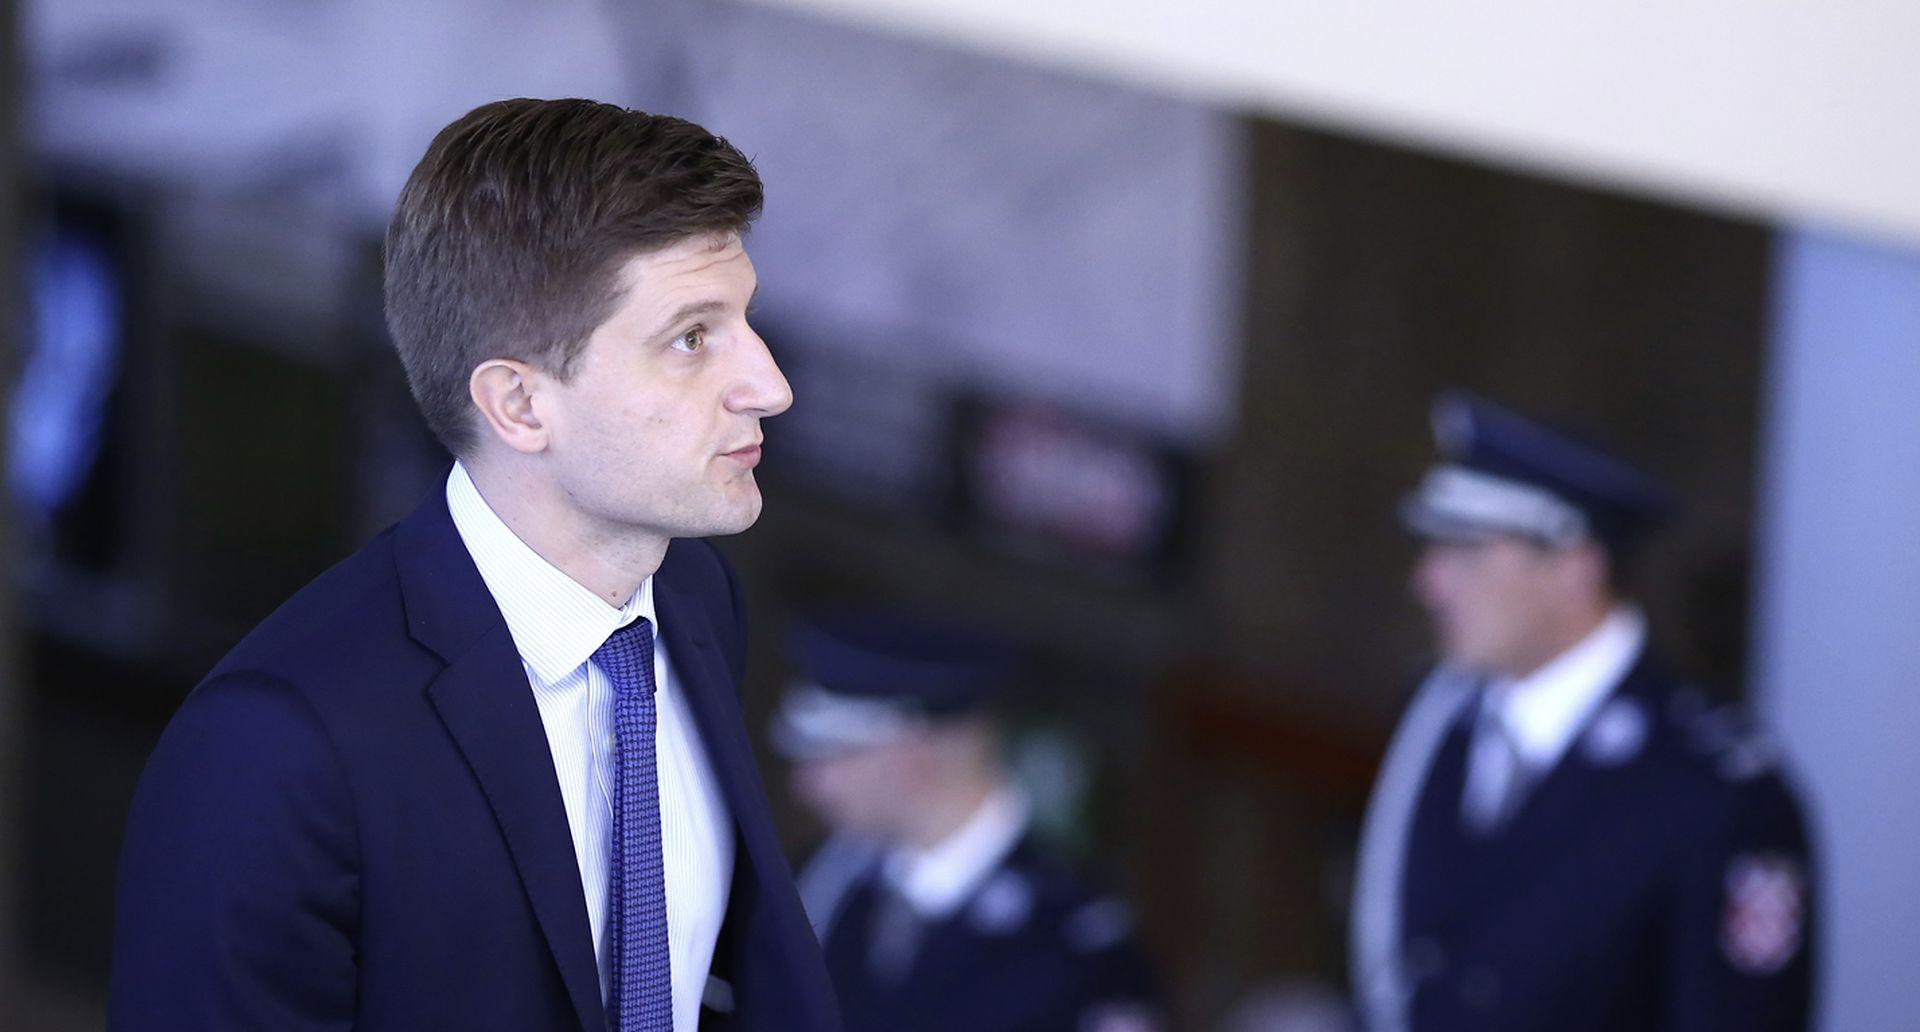 MARIĆ DRŽAVNIM TVRTKAMA 'Sredite poslovanje, država vam više neće davati jamstva'